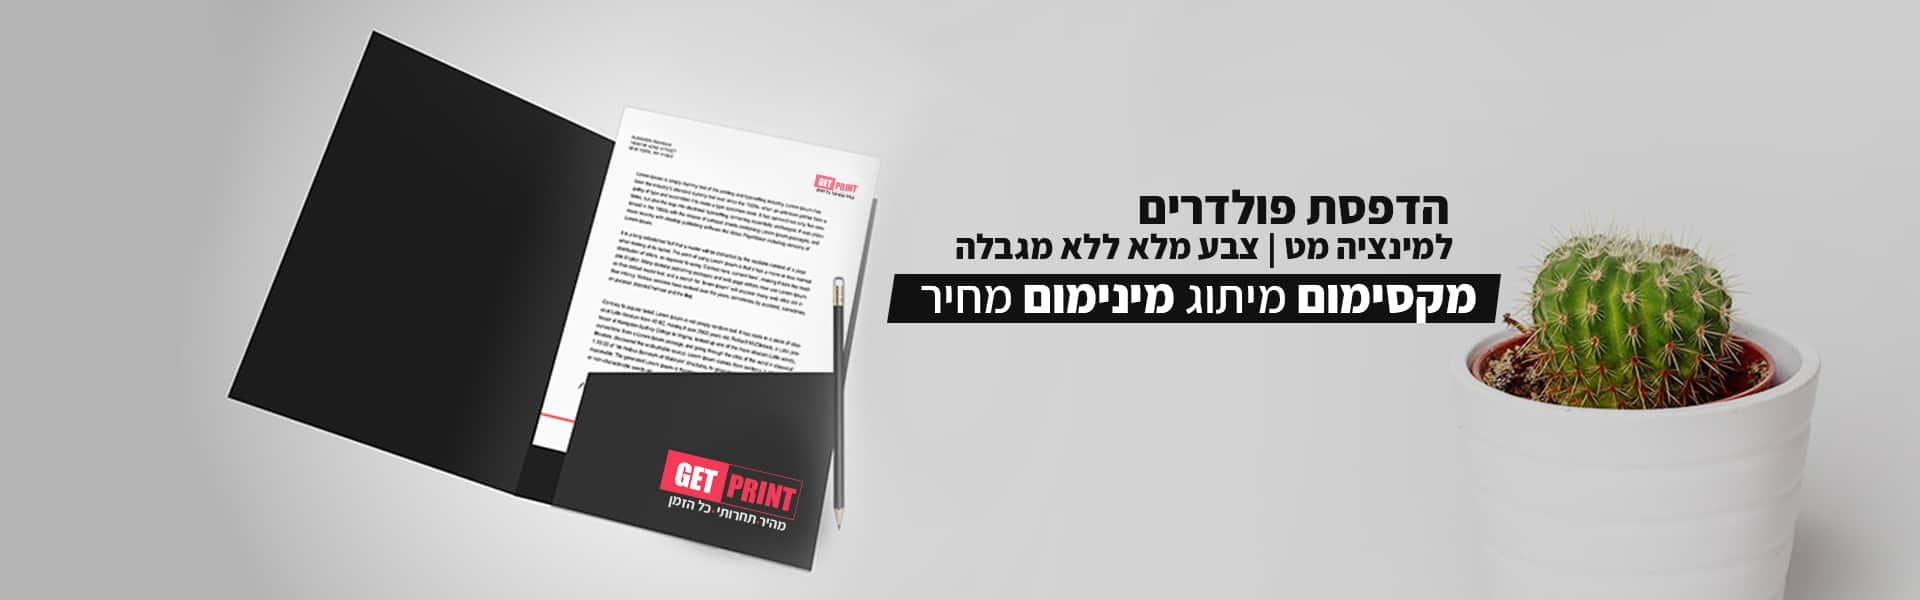 הדפסת פולדרים גט פרינט דפוס לעסקים Get Print